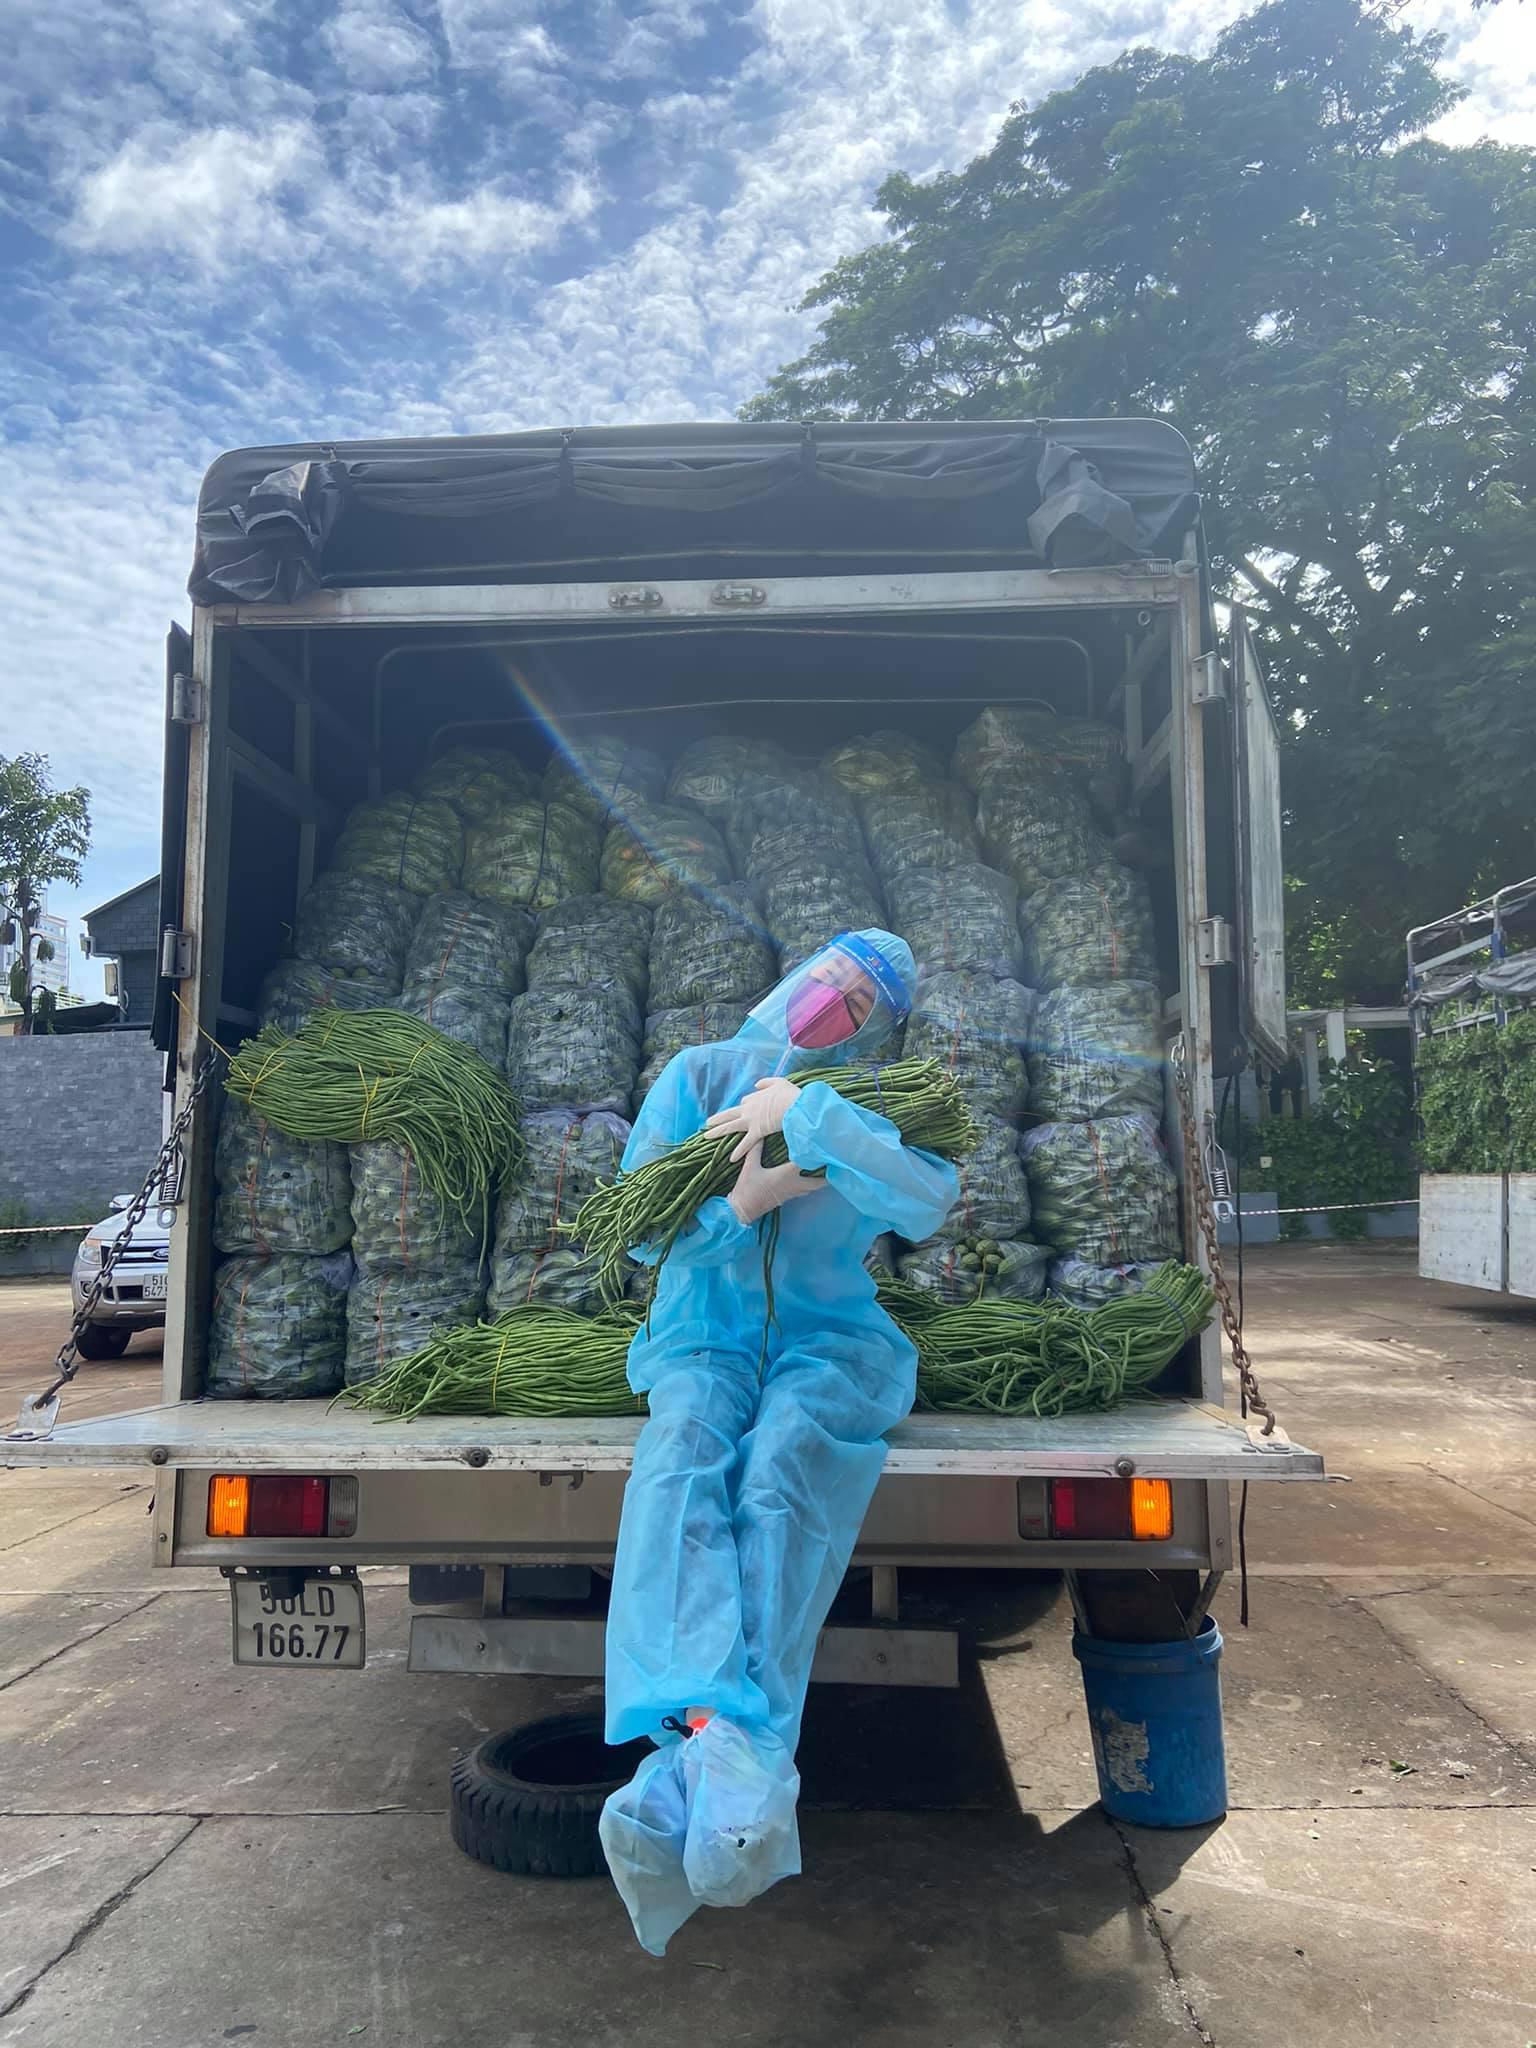 Chương trình do Hoa hậu Ngọc Diễm khởi xướng, với mục tiêu ban đầu là 10 tấn thực phẩm 0 đồng hỗ trợ người dân. Nhờ sự hỗ trợ của Thành đoàn TPHCM hiện đã vận động được 70 tấn thực phẩm.